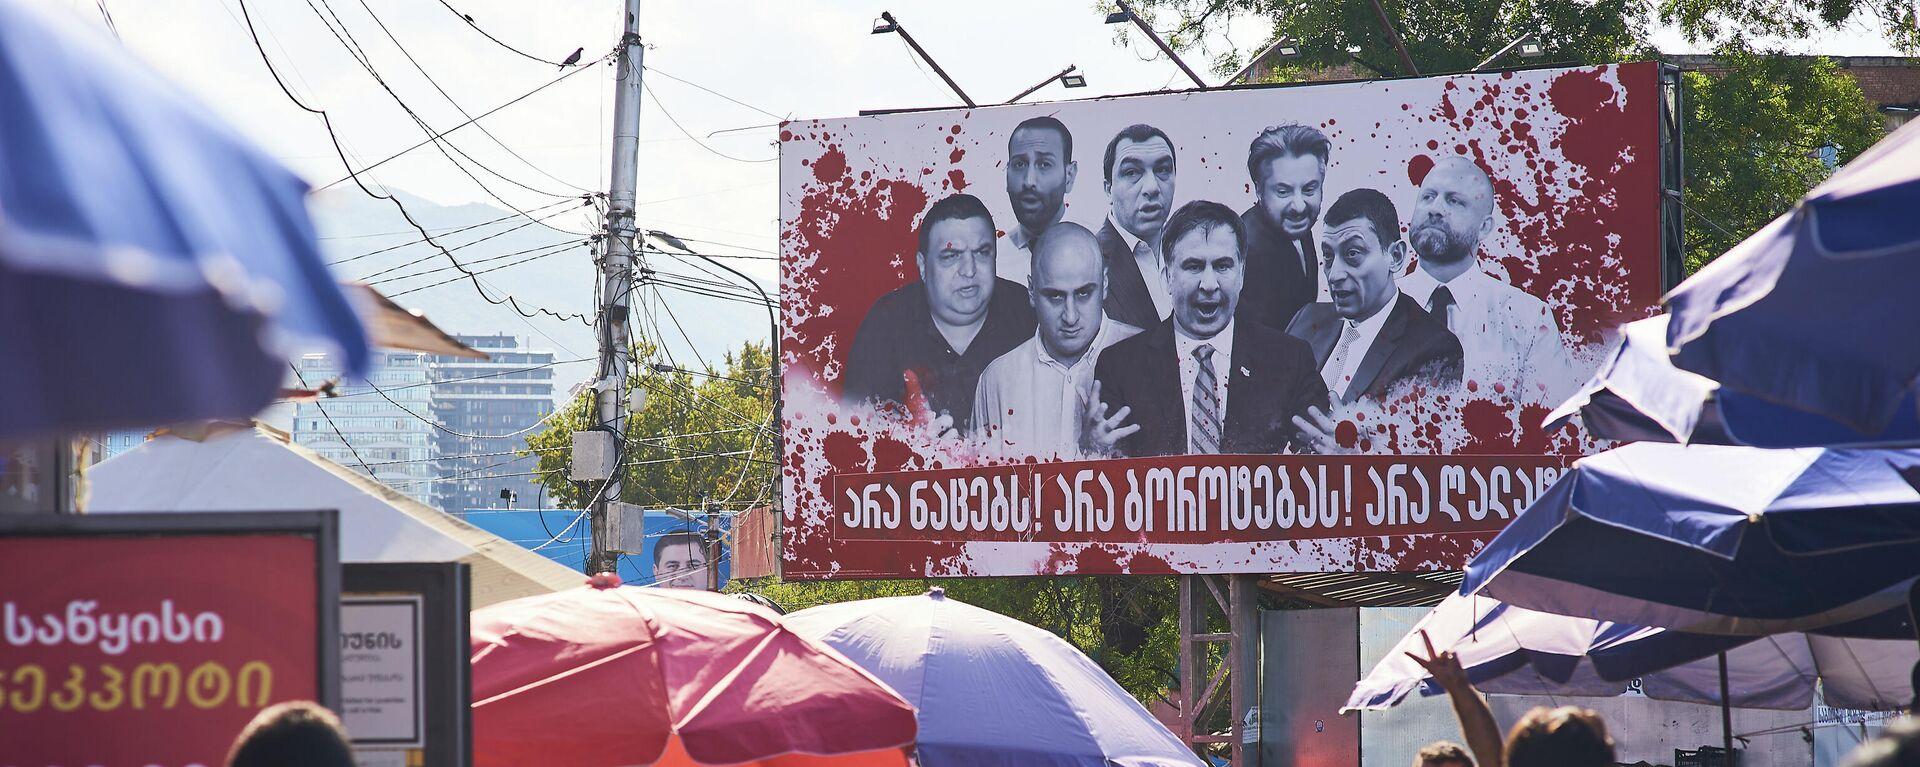 Кровавые баннеры на тбилисских улицах, предвыборная реклама - Sputnik Грузия, 1920, 23.09.2021